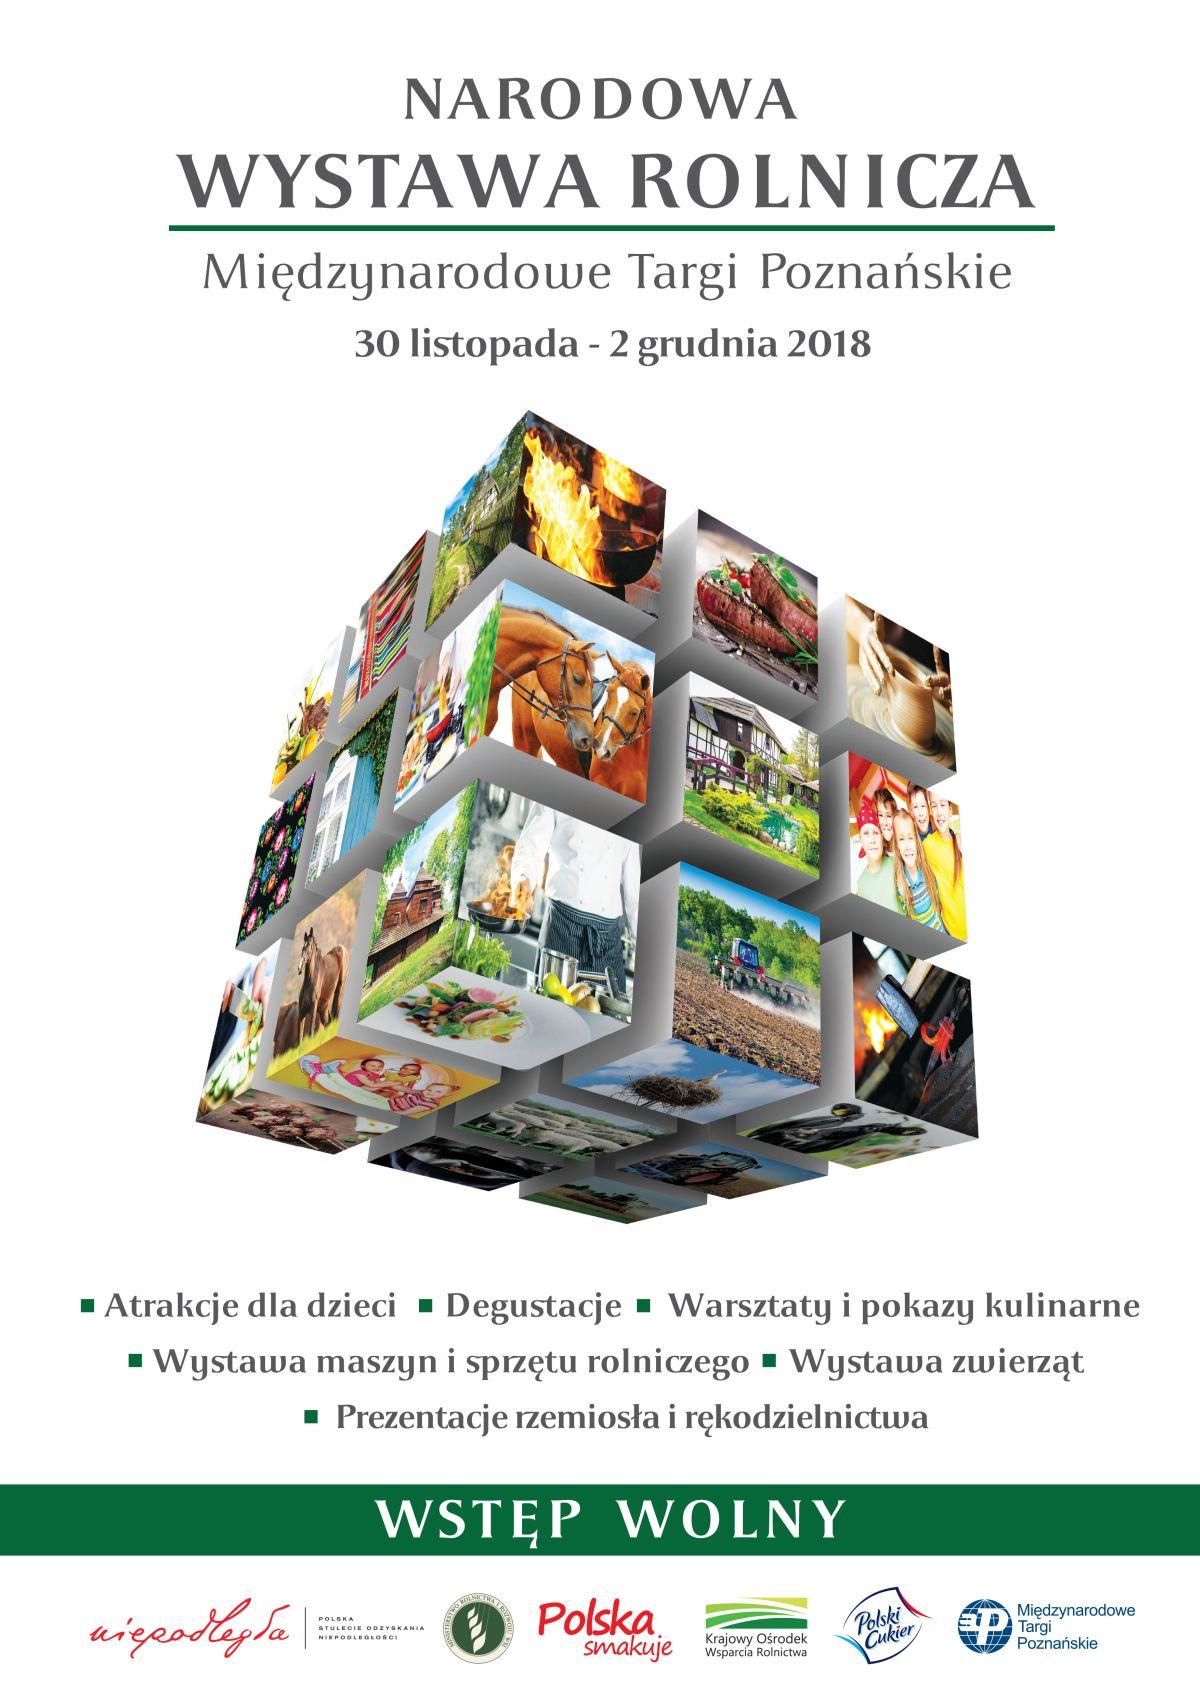 Narodowa Wystawa Rolnicza, 30 listopada - 2 grudnia 2018